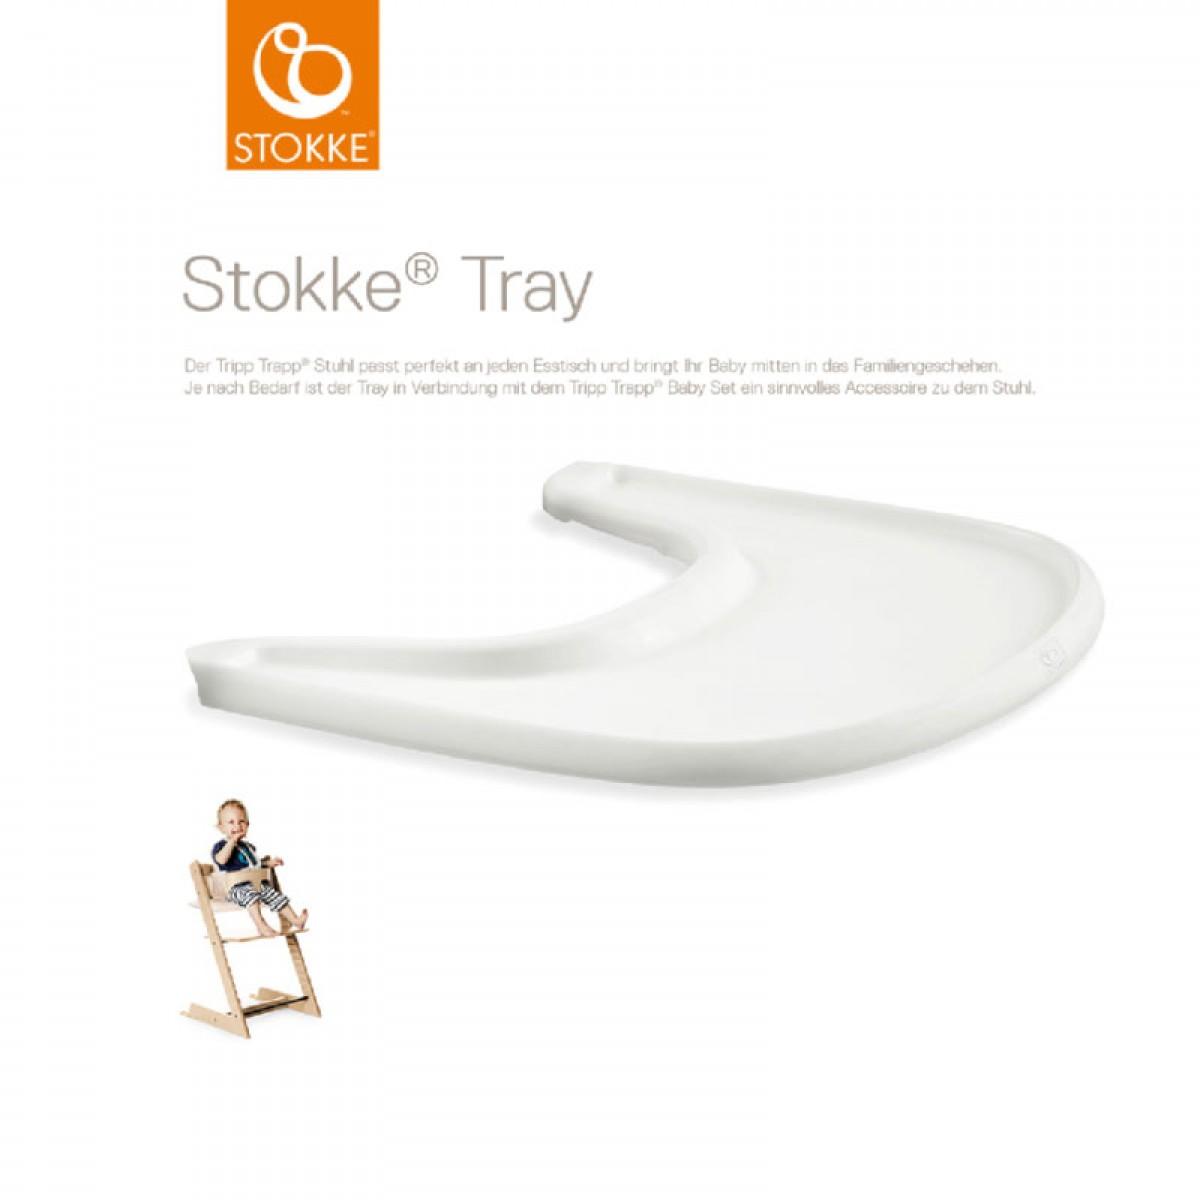 triptrap stuhl elegant stokke triptrap stuhl frankfurt. Black Bedroom Furniture Sets. Home Design Ideas